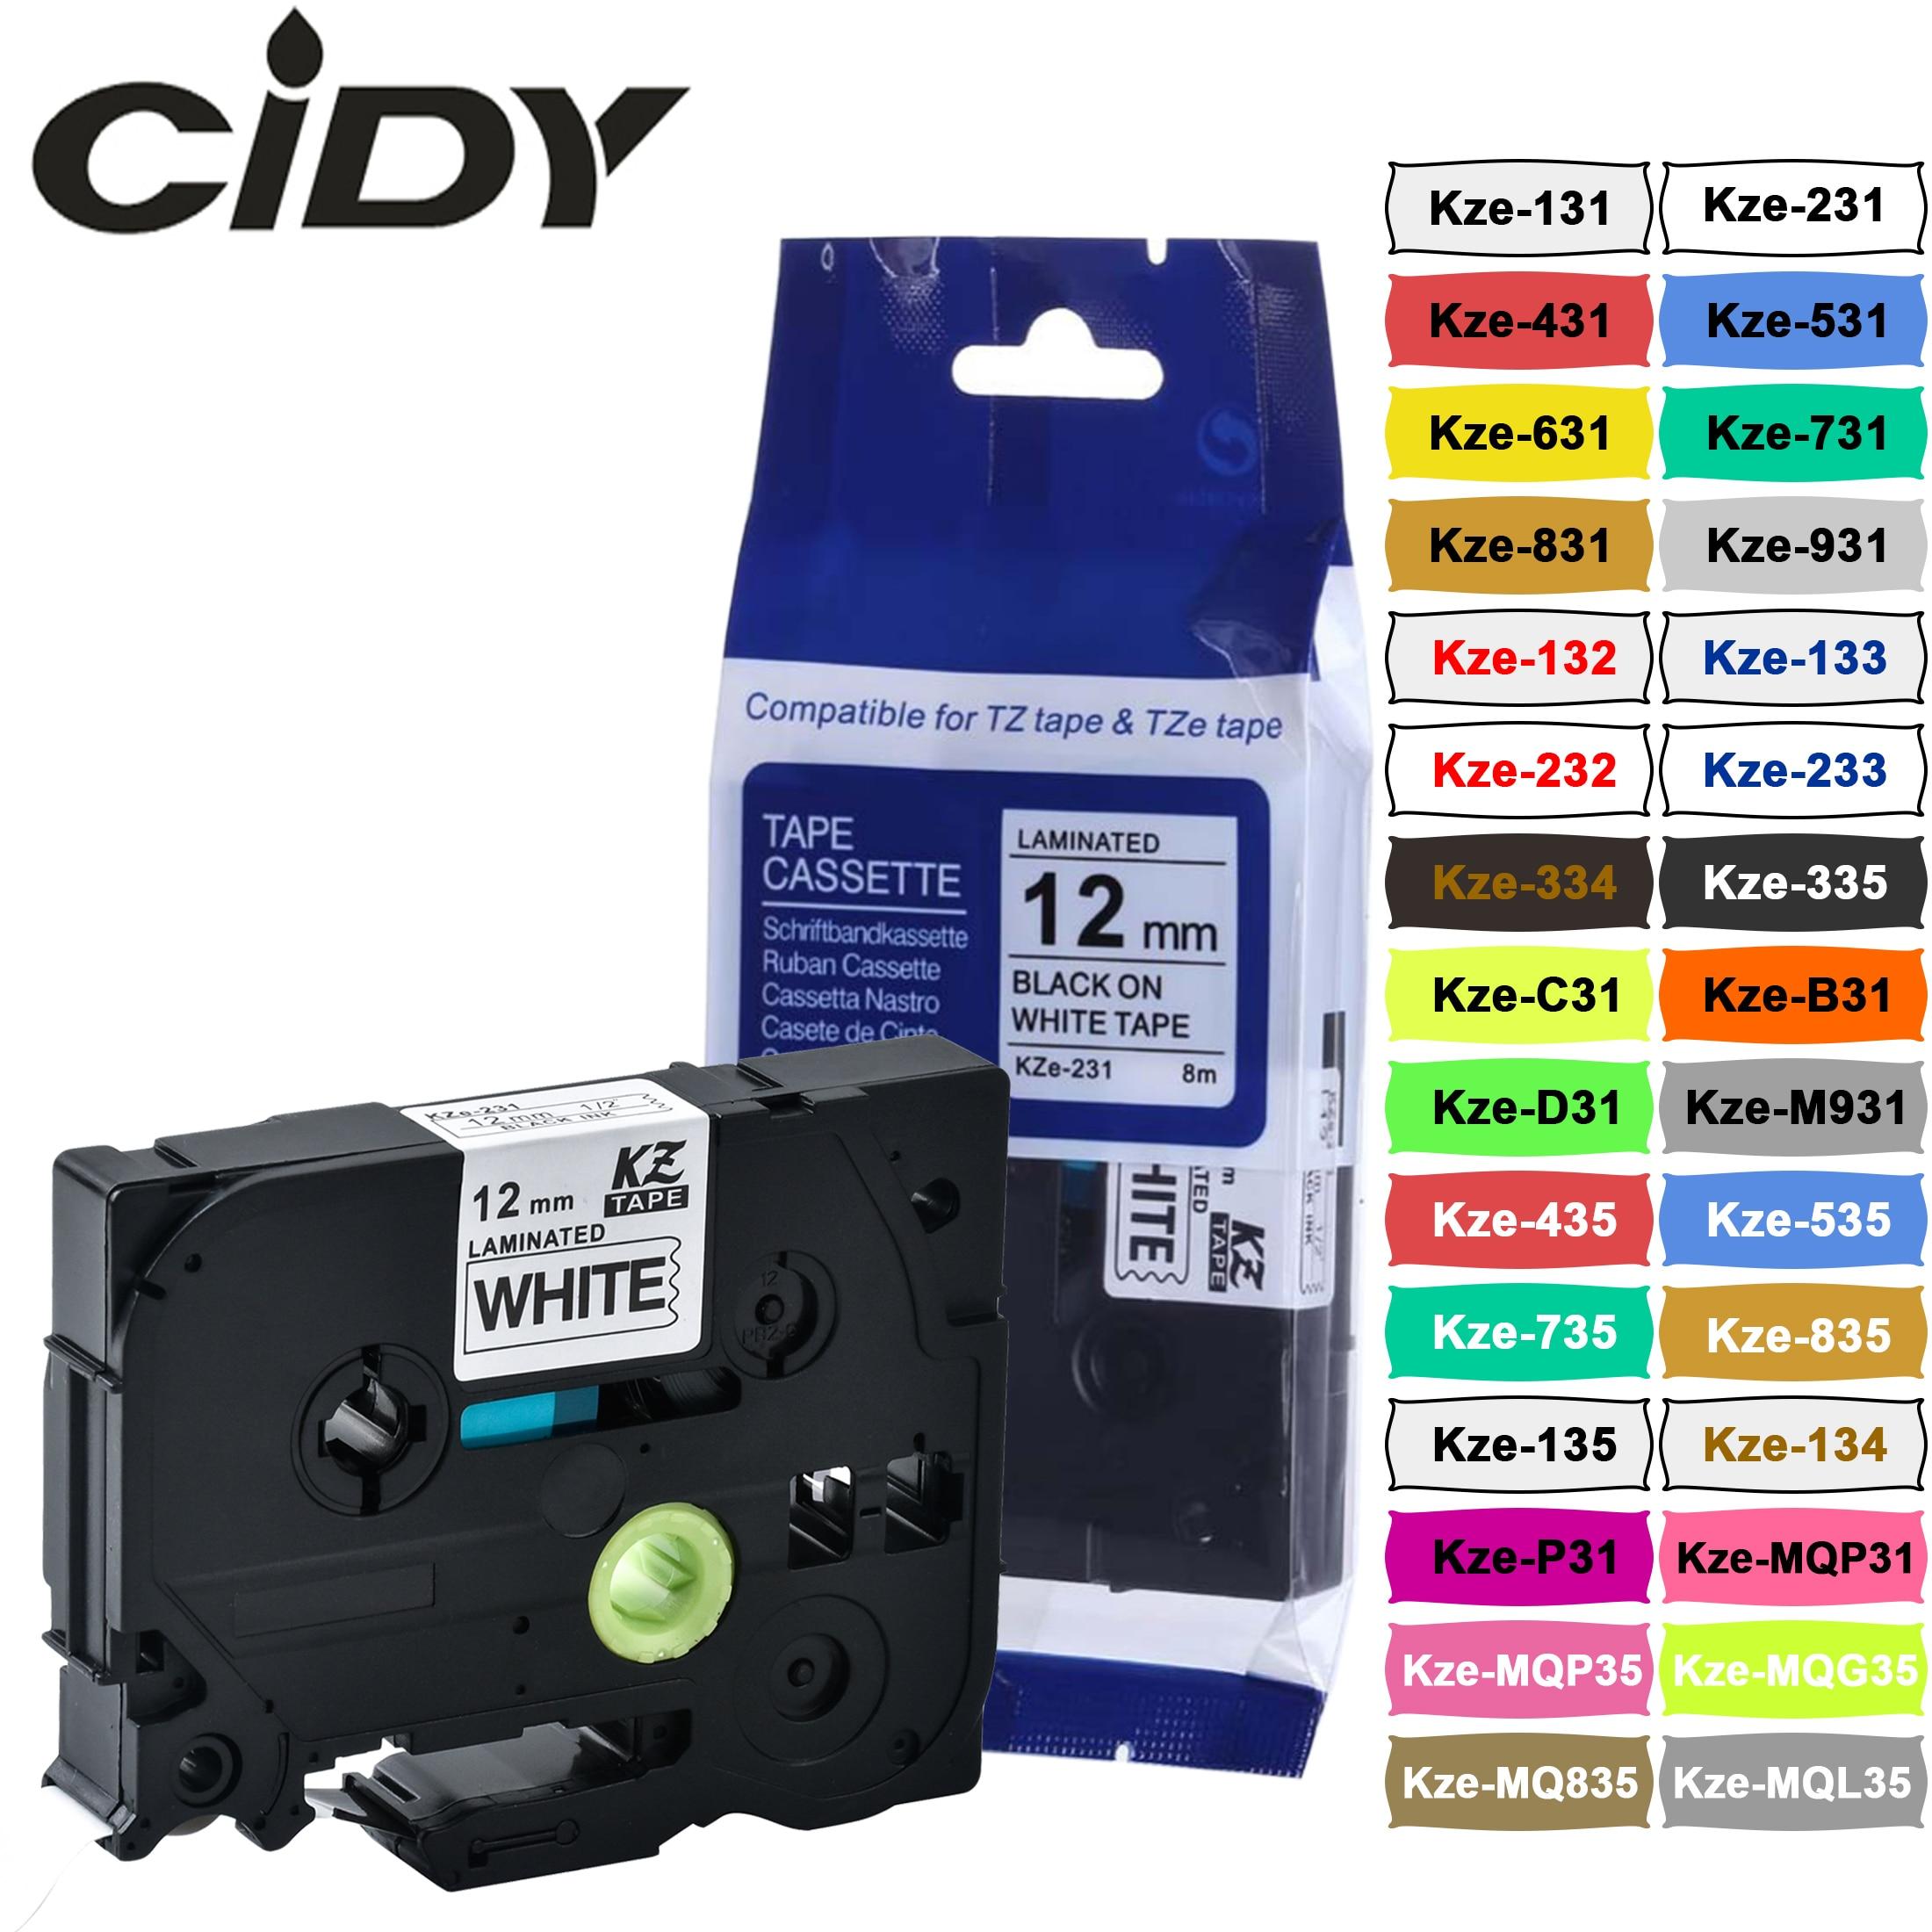 Cidy TZ231 TZ 231 Tze 231 Laminasi Perekat TZ-231 Tze-231 Label Tape P Touch Hitam Putih Kompatibel untuk Saudara Tze-131 631 title=